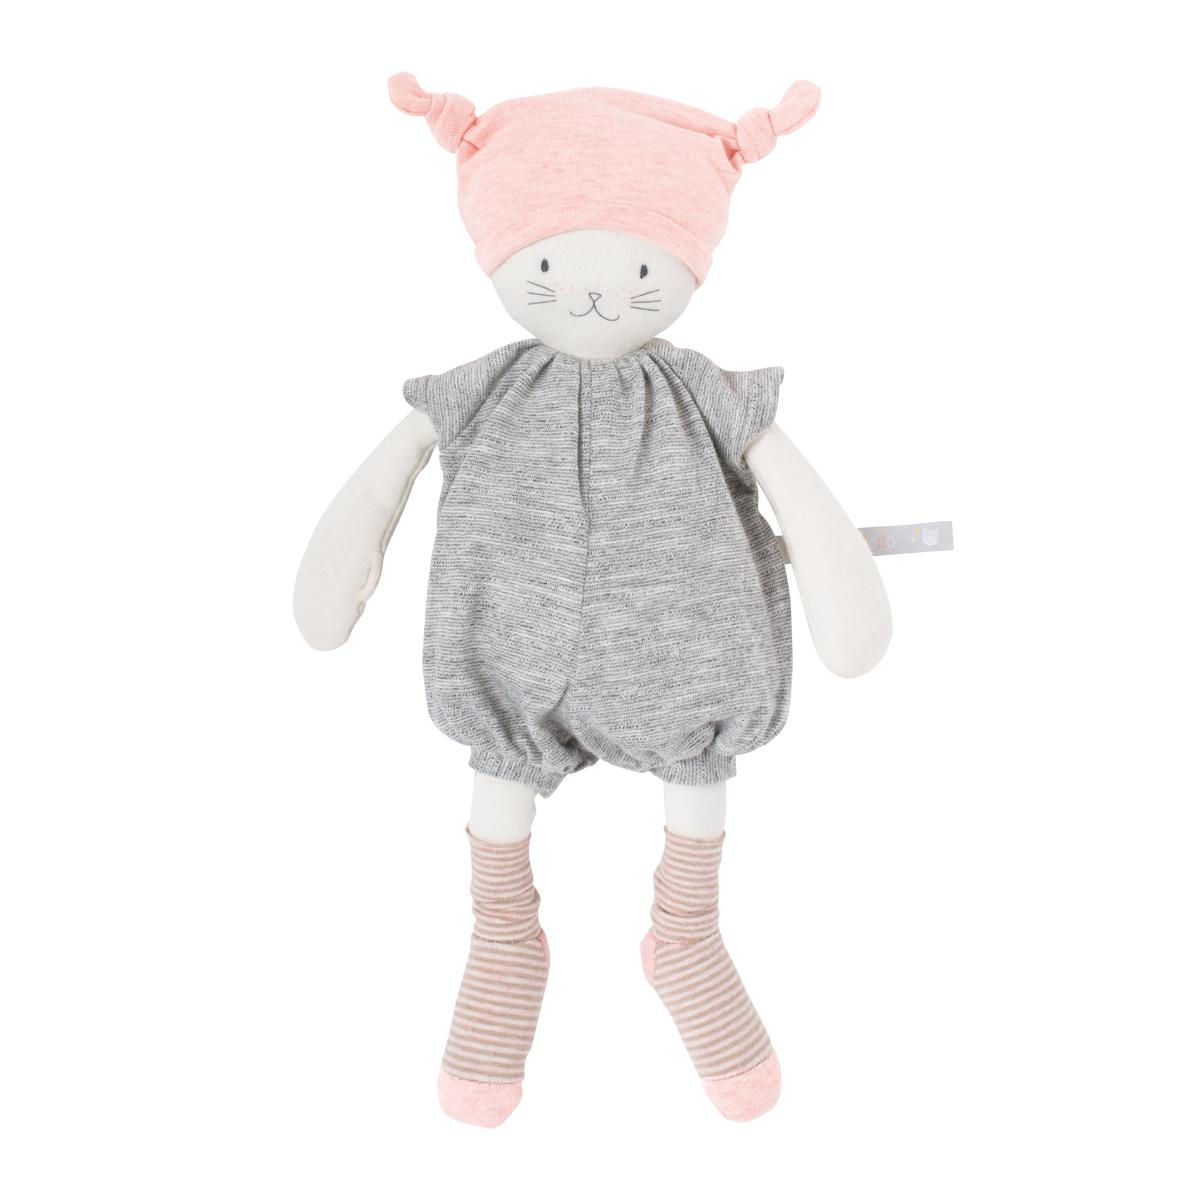 「プティ・ドゥードゥー」抱き人形ピンクの帽子の妖精